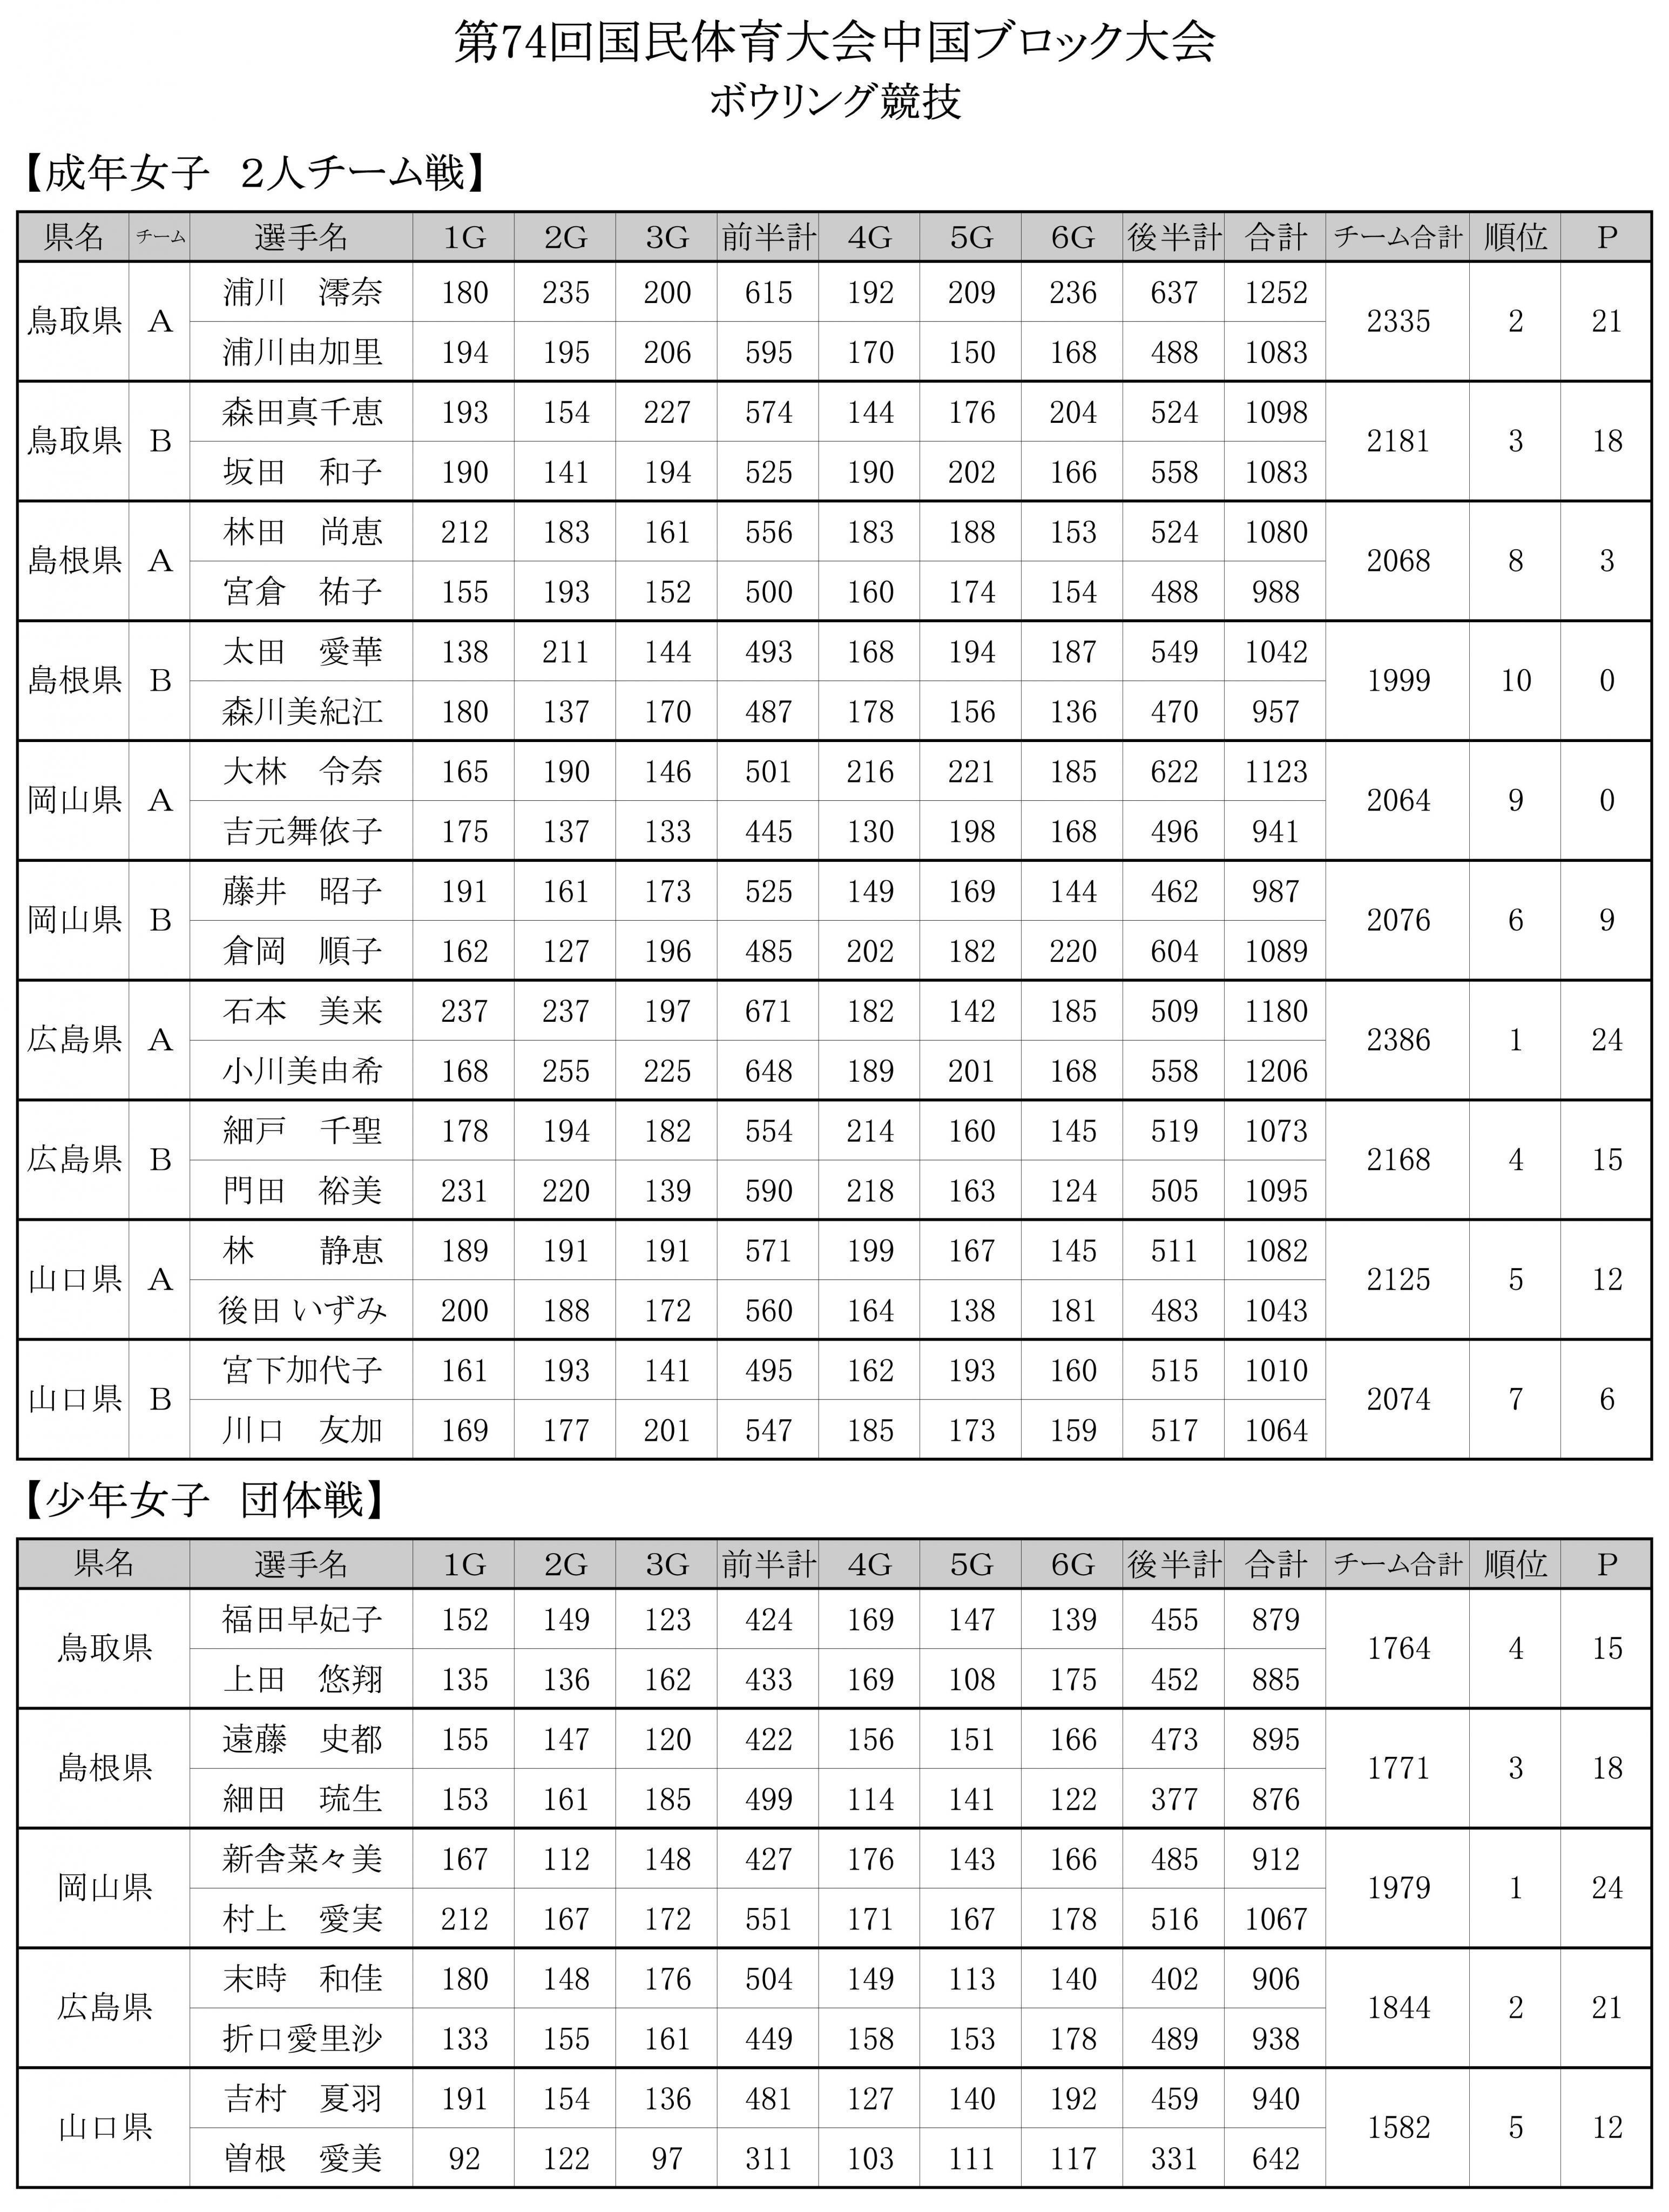 ボウリング最終成績  5.jpg